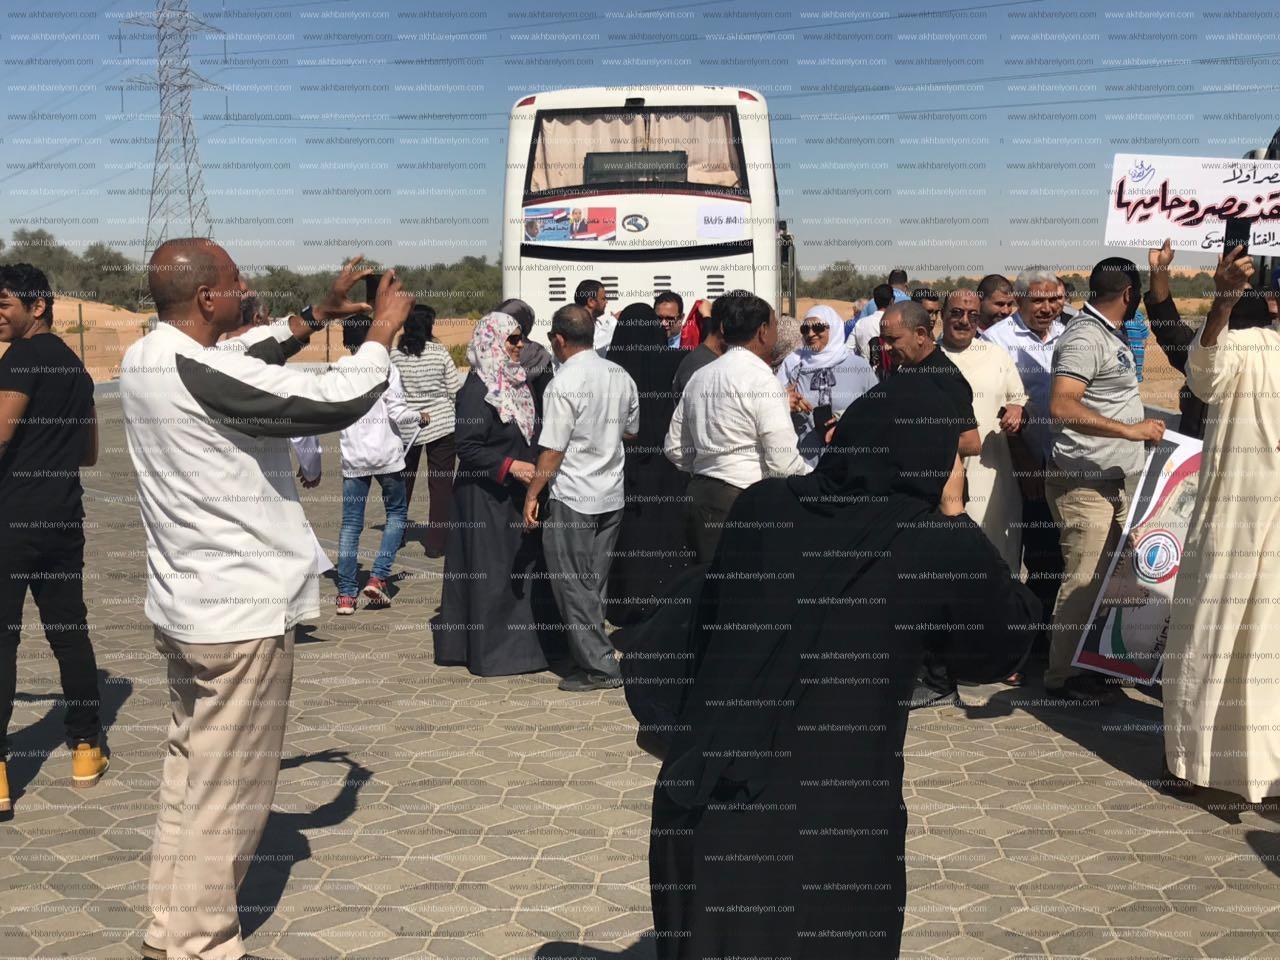 الانتخابات المصرية في الكويت